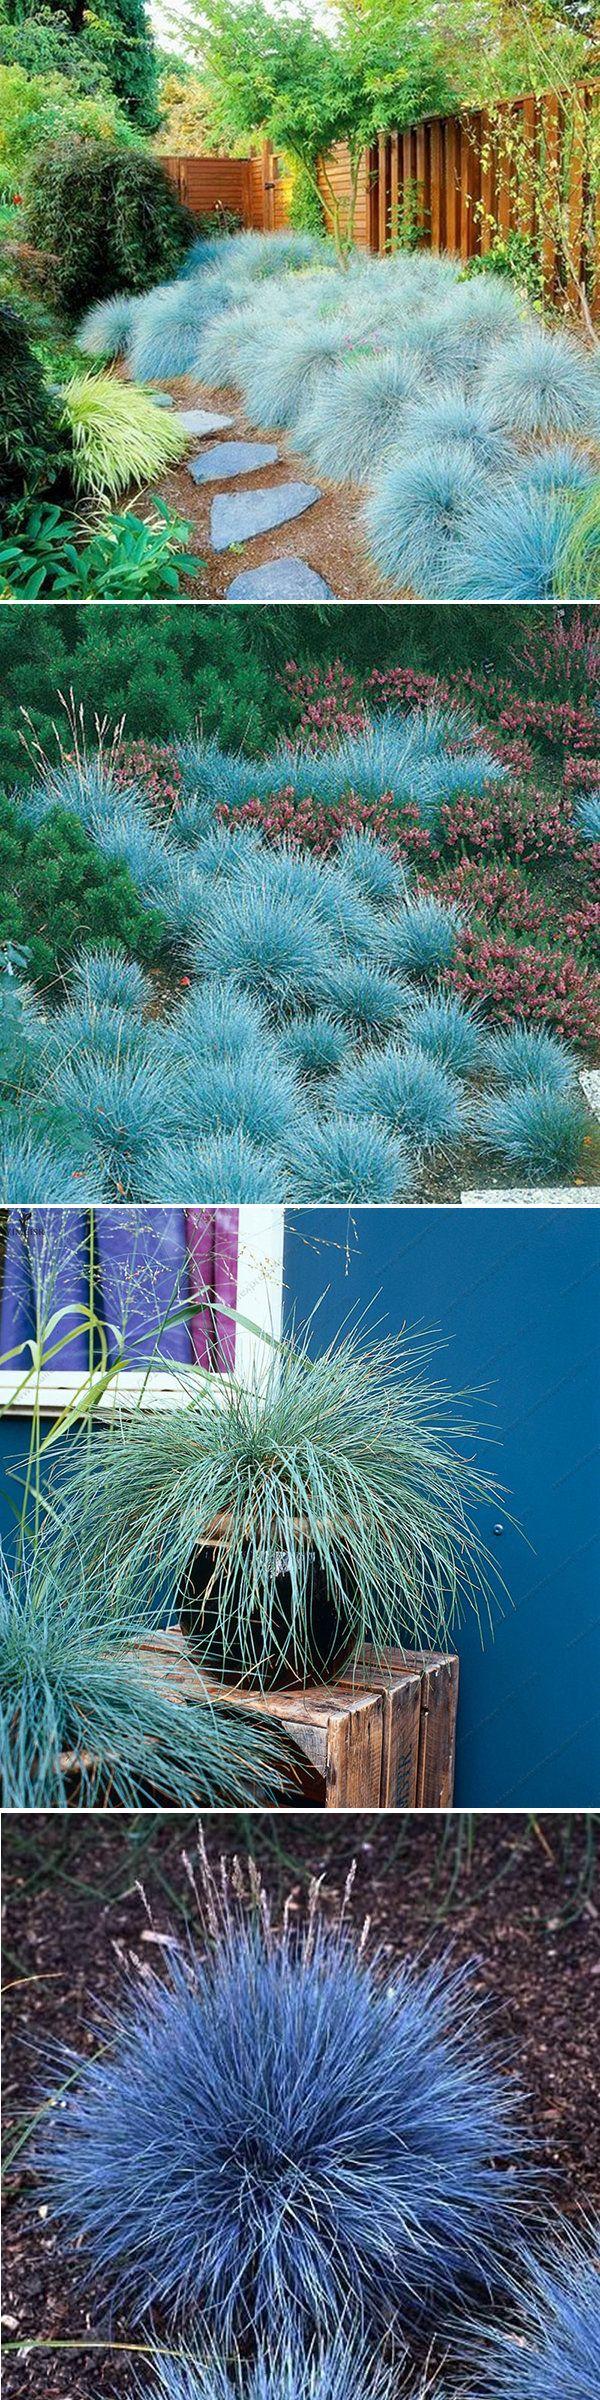 Textures nature elements vegetation dry grass dry grass - 100pcs Blue Fescue Grass Seeds Perennial Hardy Ornamental Grass Home Garden